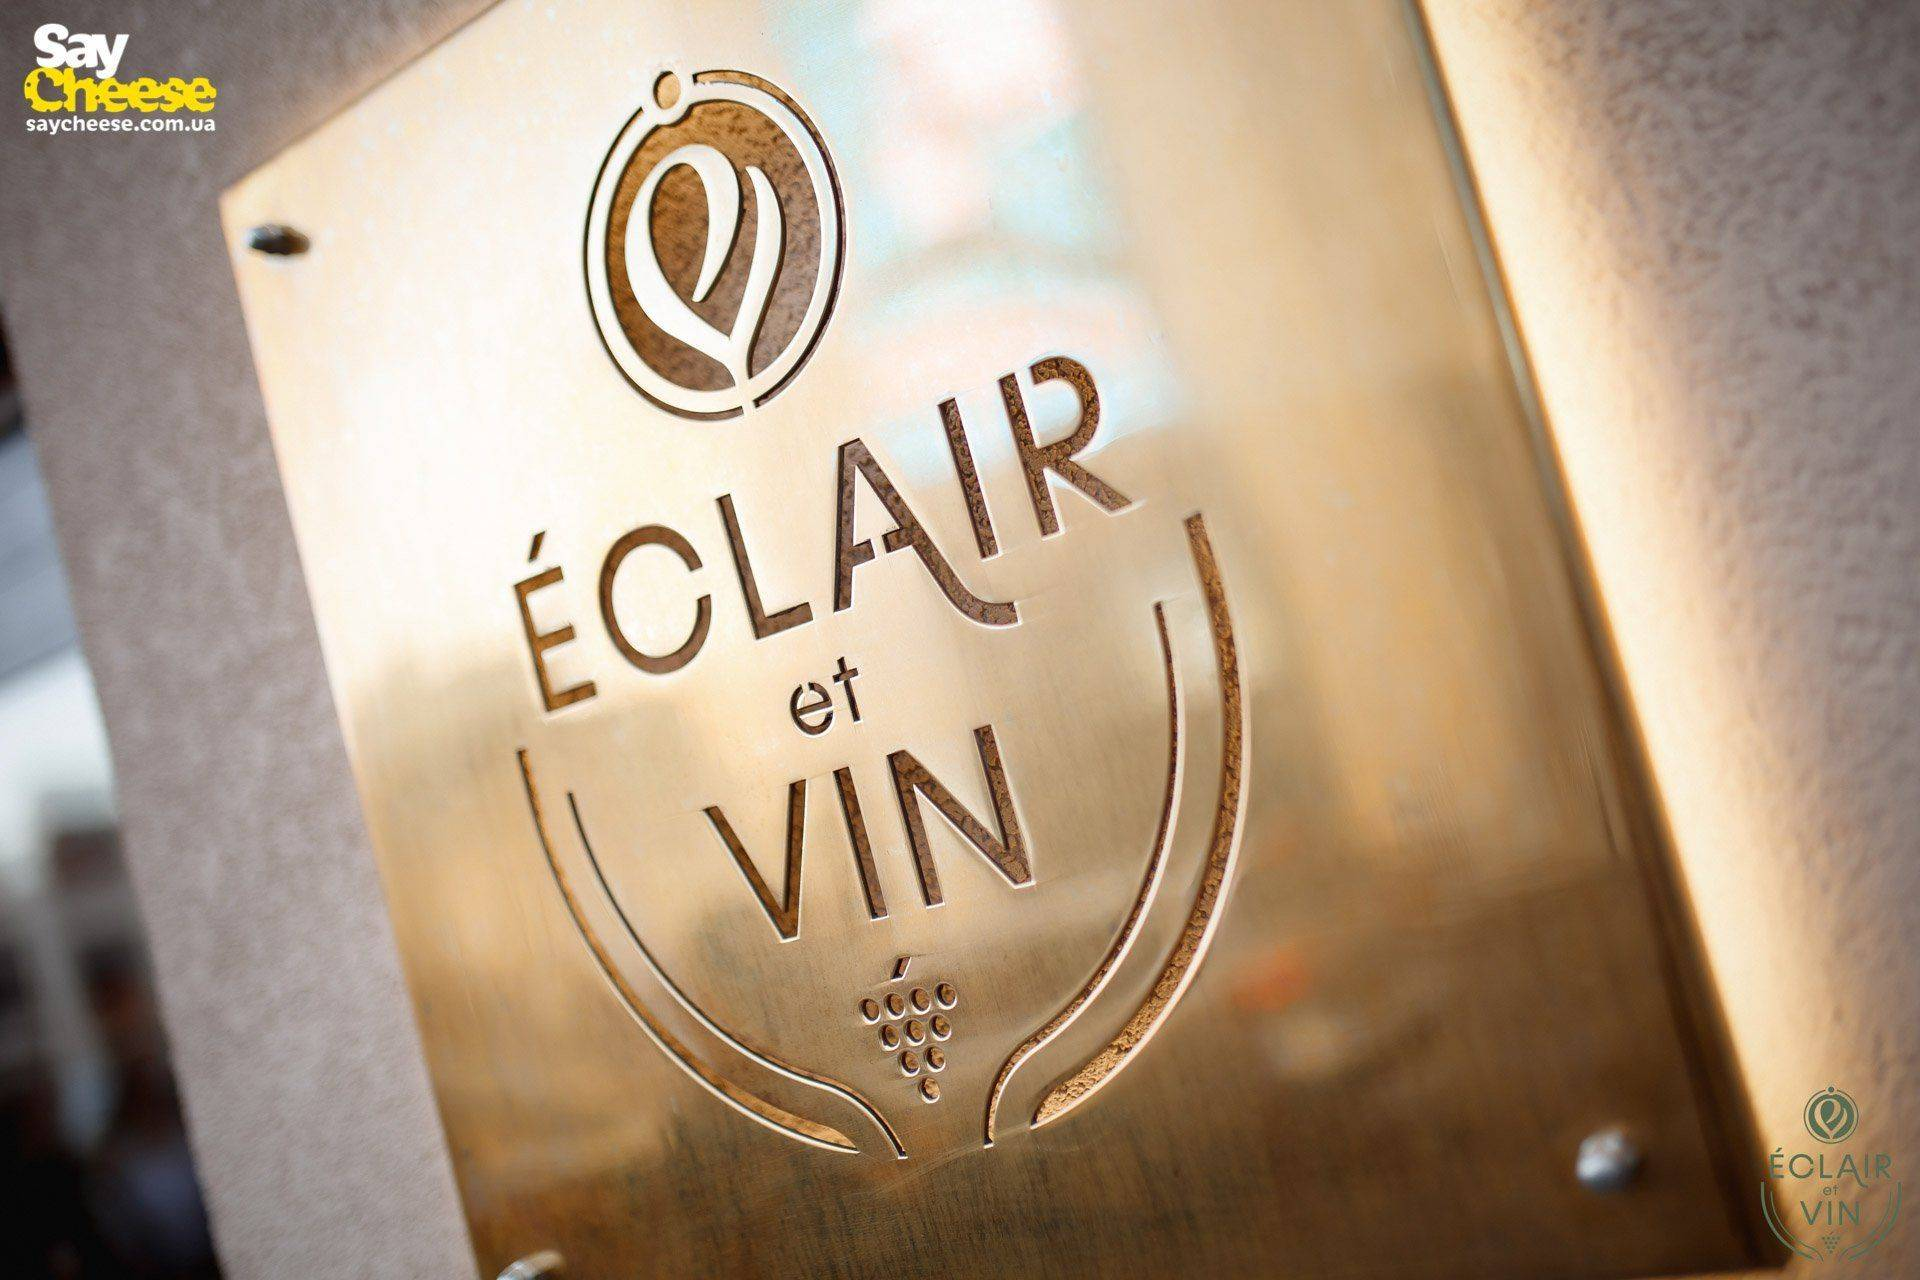 17-09 Eclair et vin